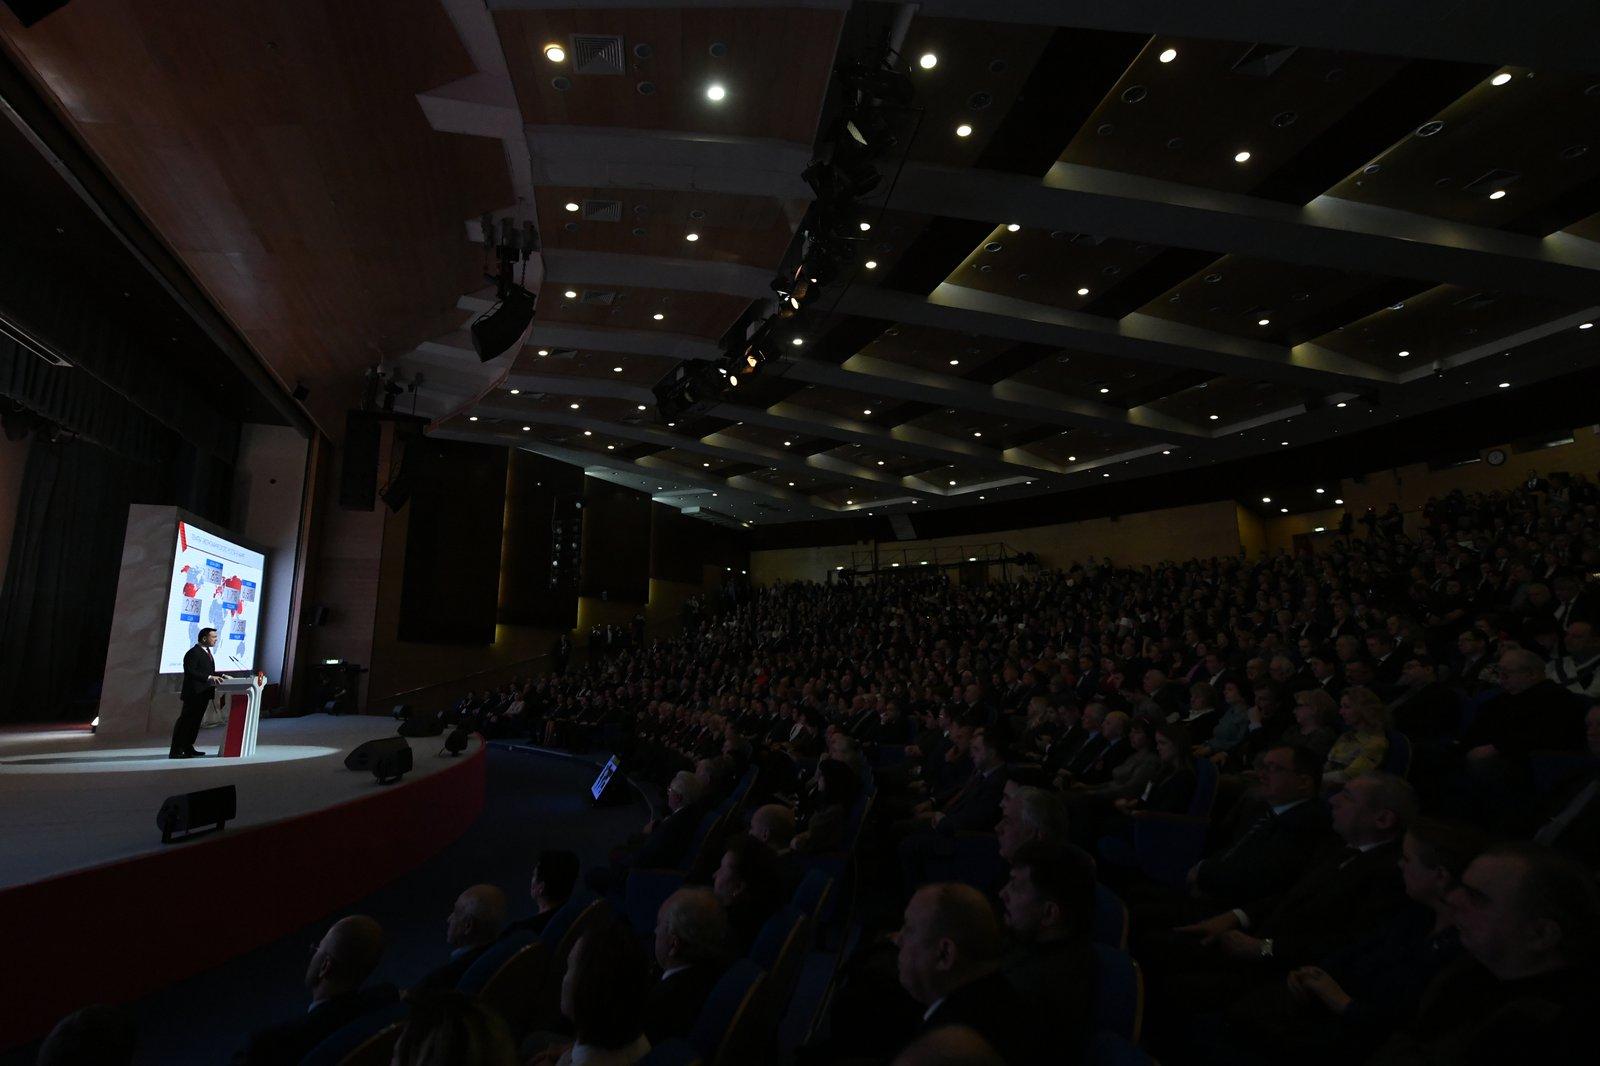 Андрей Воробьев губернатор московской области - Что сделано в регионе за 5 лет